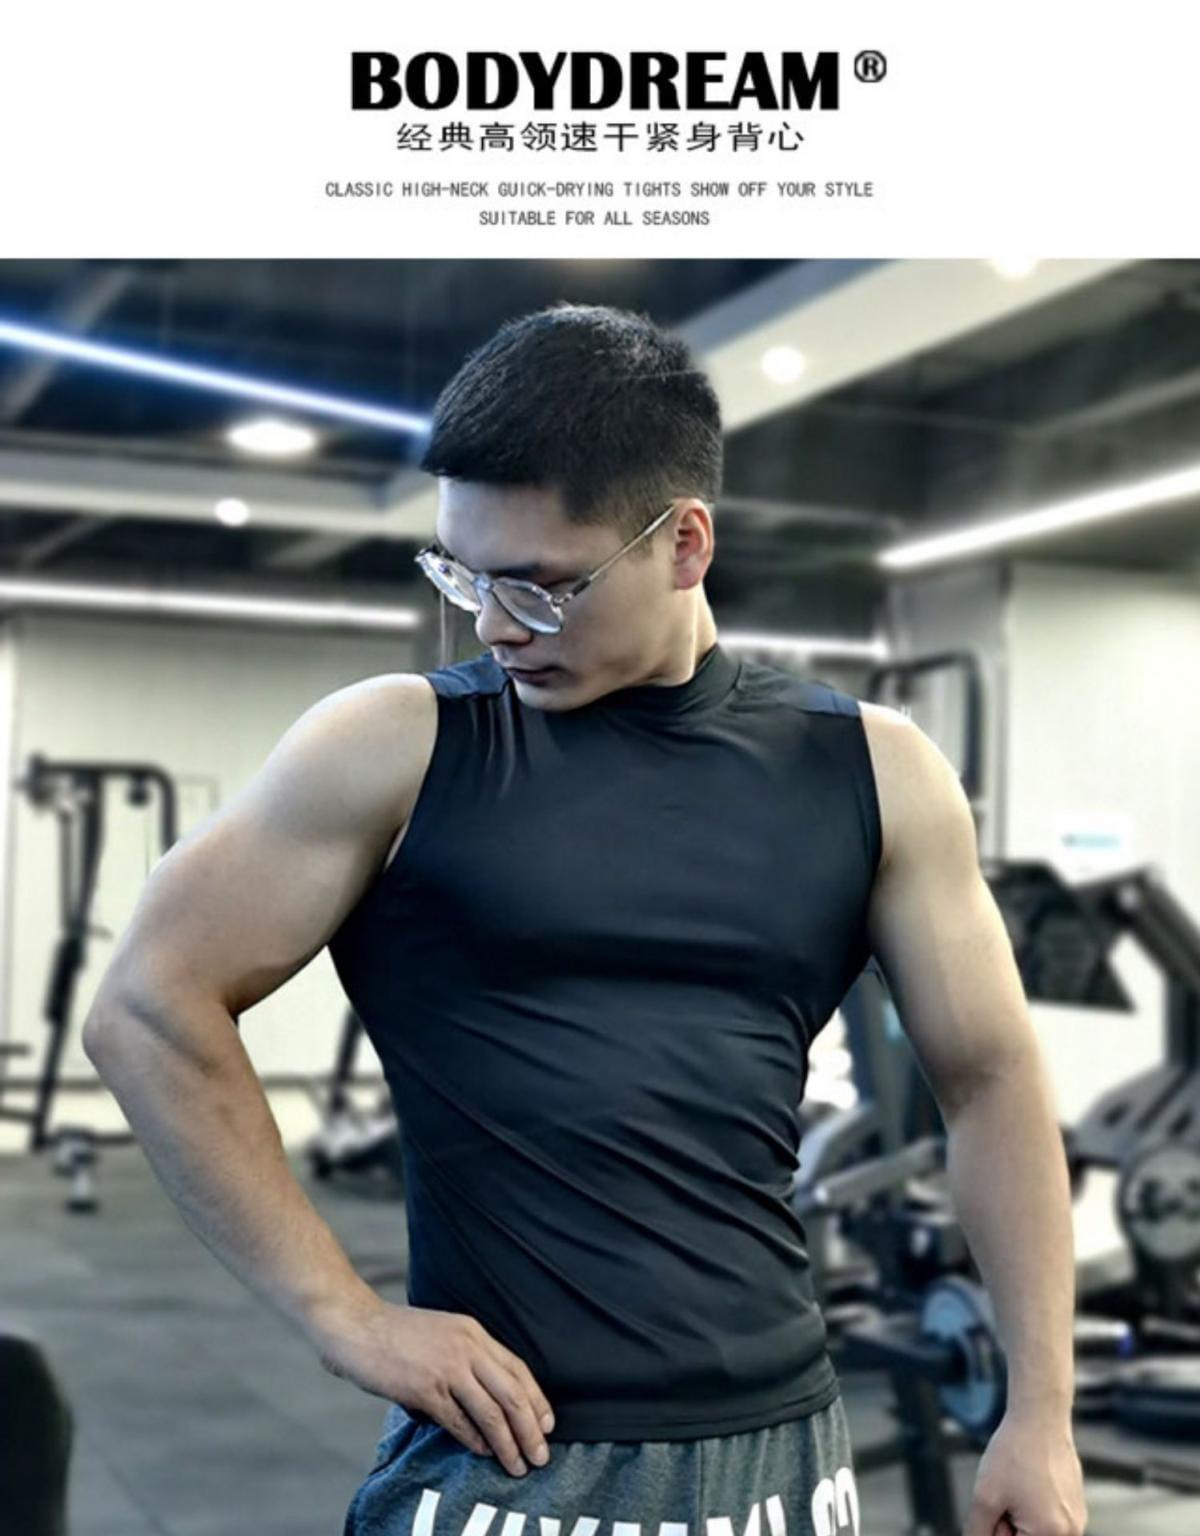 (快速出貨) 男士運動背心無袖緊身速乾運動彈力坎肩健身T恤高領訓練背心 1